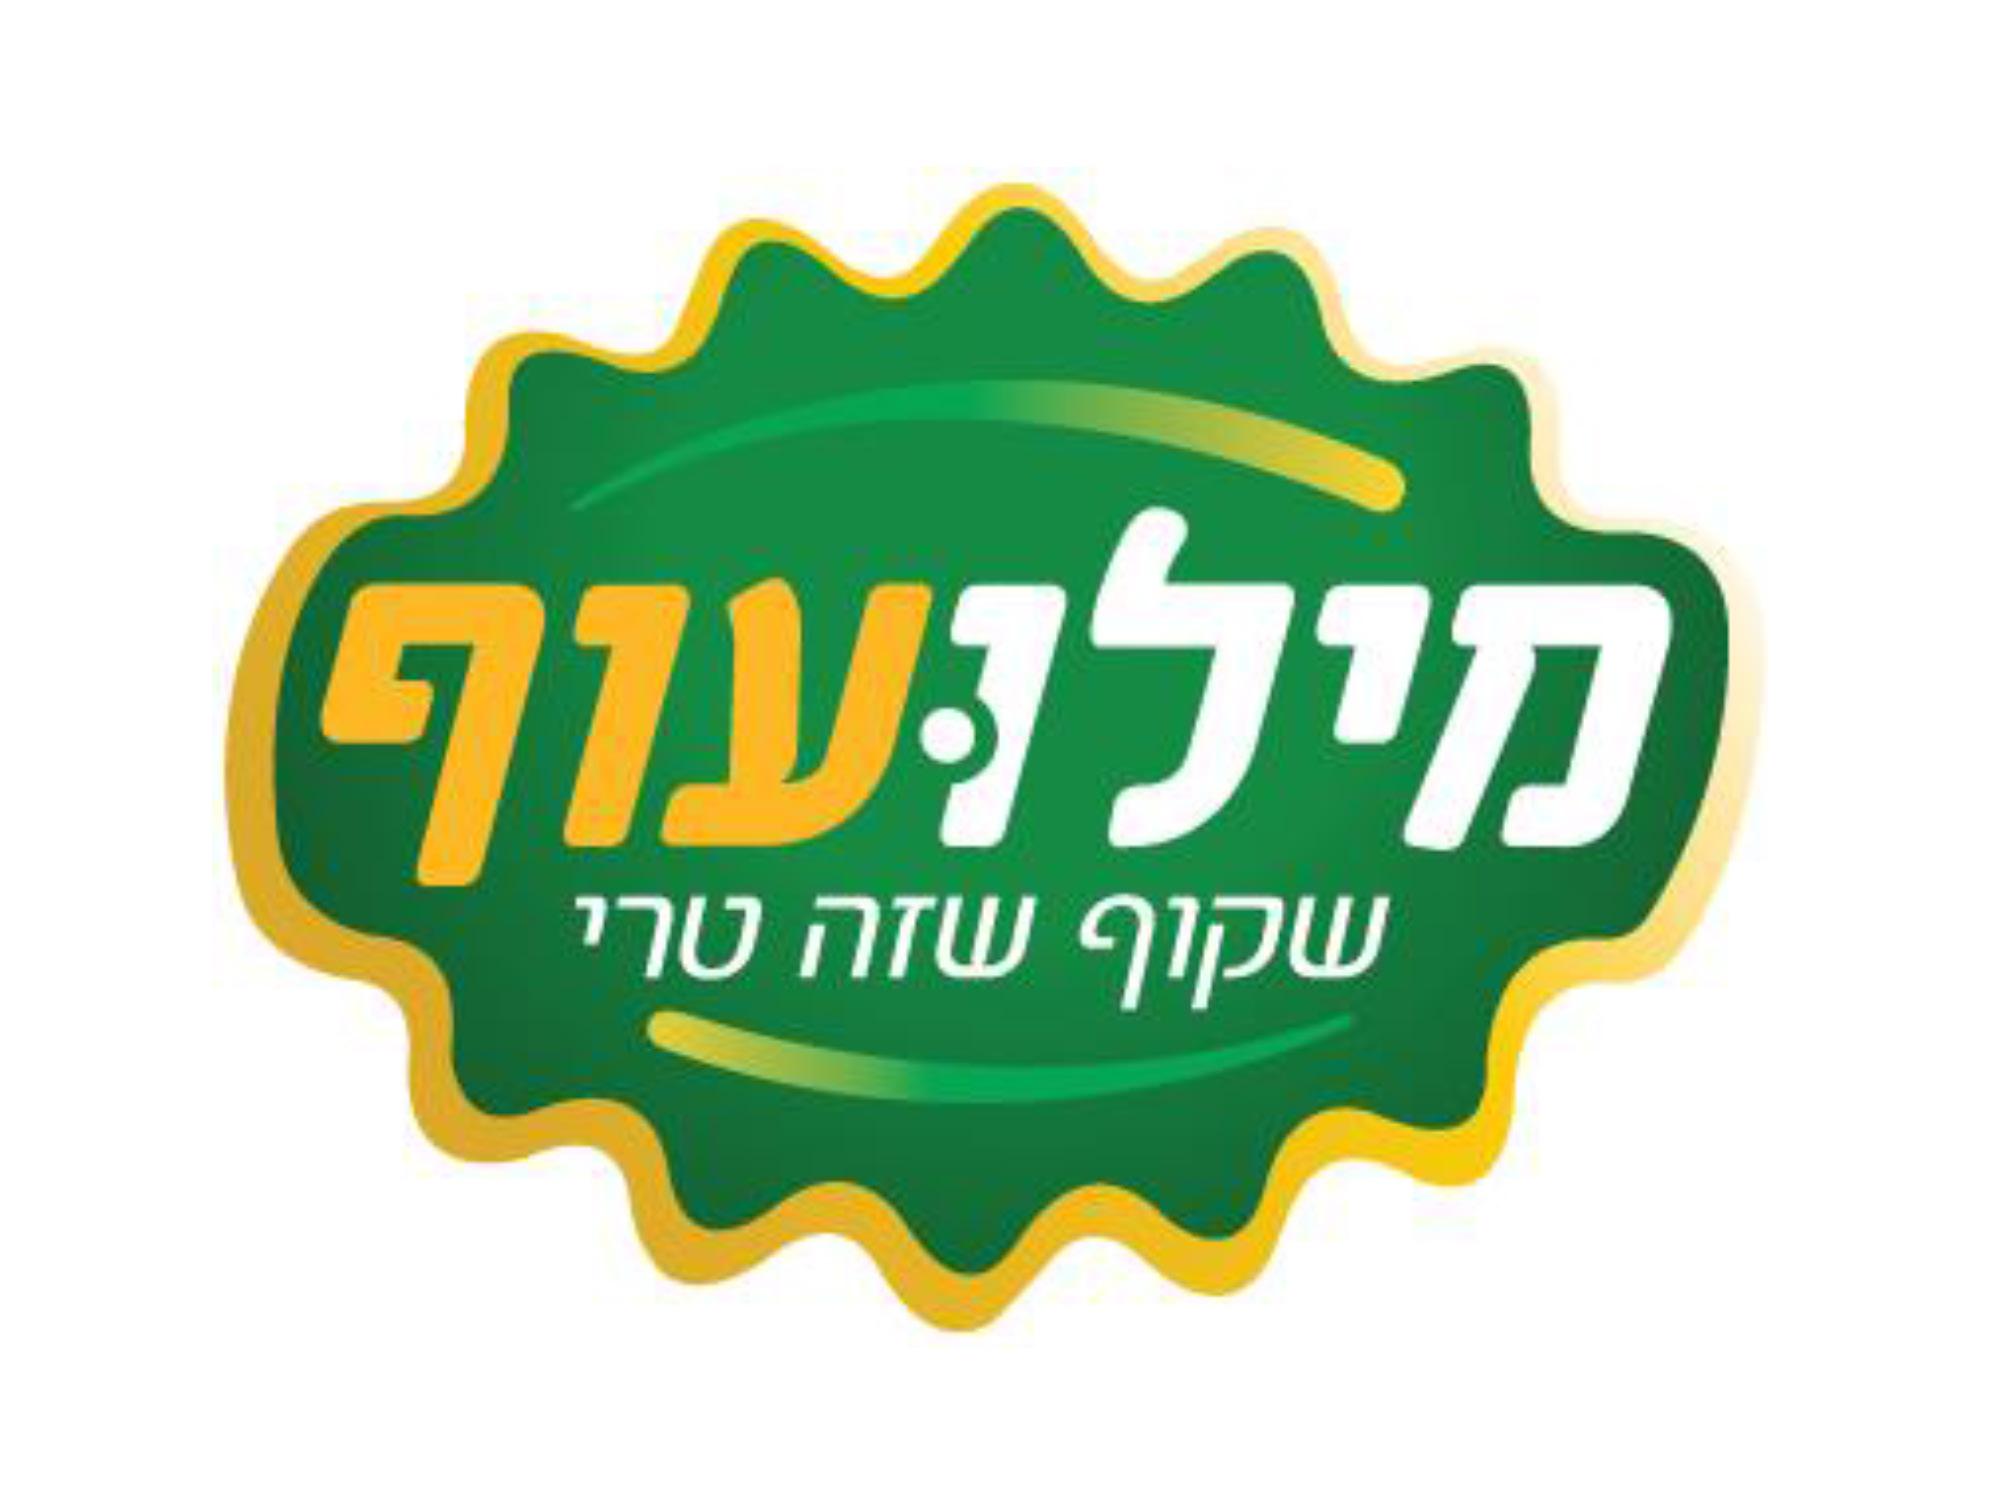 לוגו מילועוף